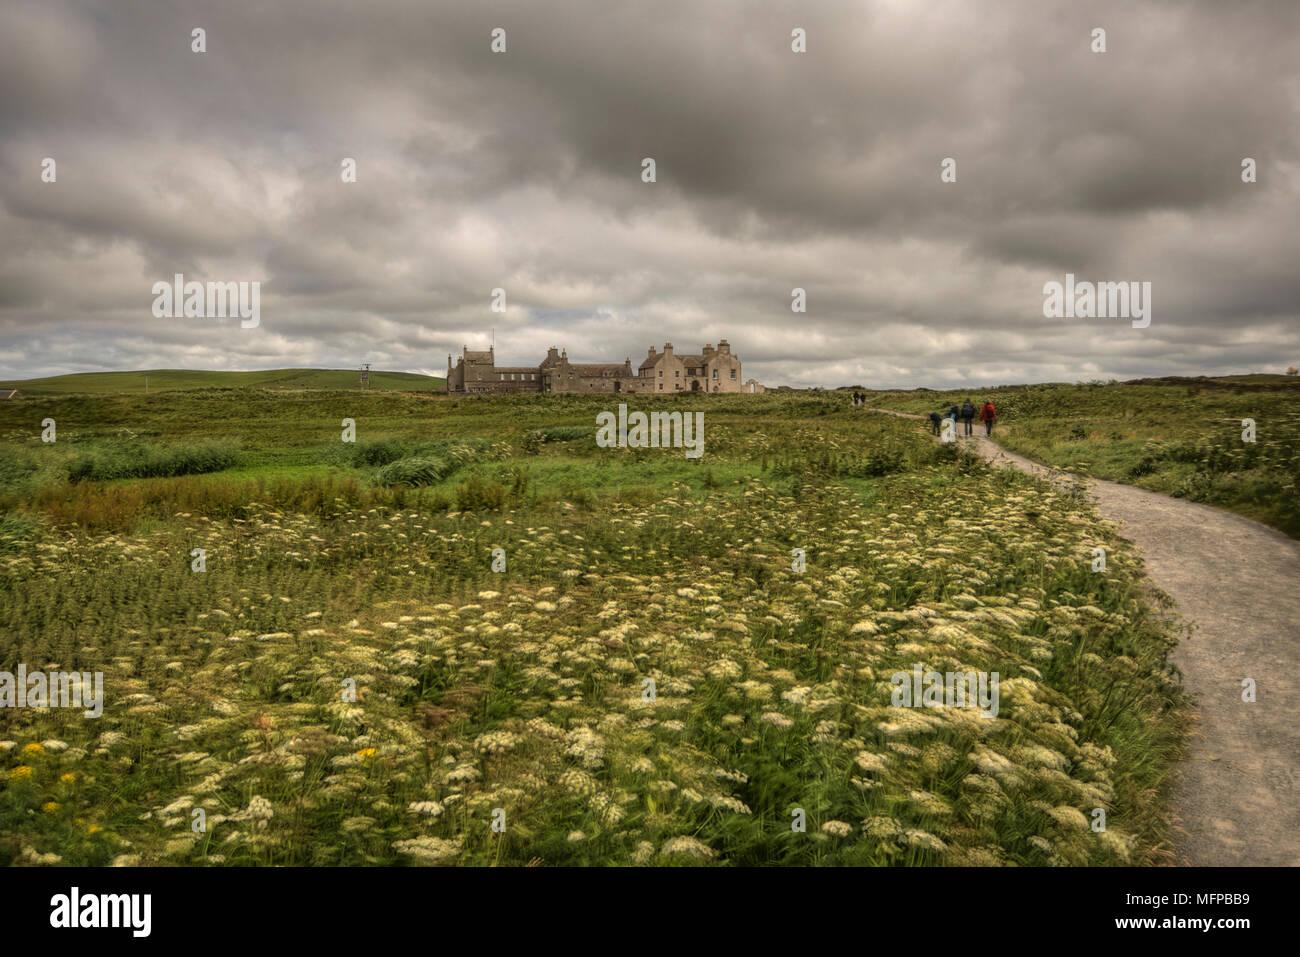 Campo de flores con el sendero que conduce a Skaill House, una mansión en la parte oeste de la península, Orkney, cerca de la aldea neolítica de Skara Brae. Foto de stock